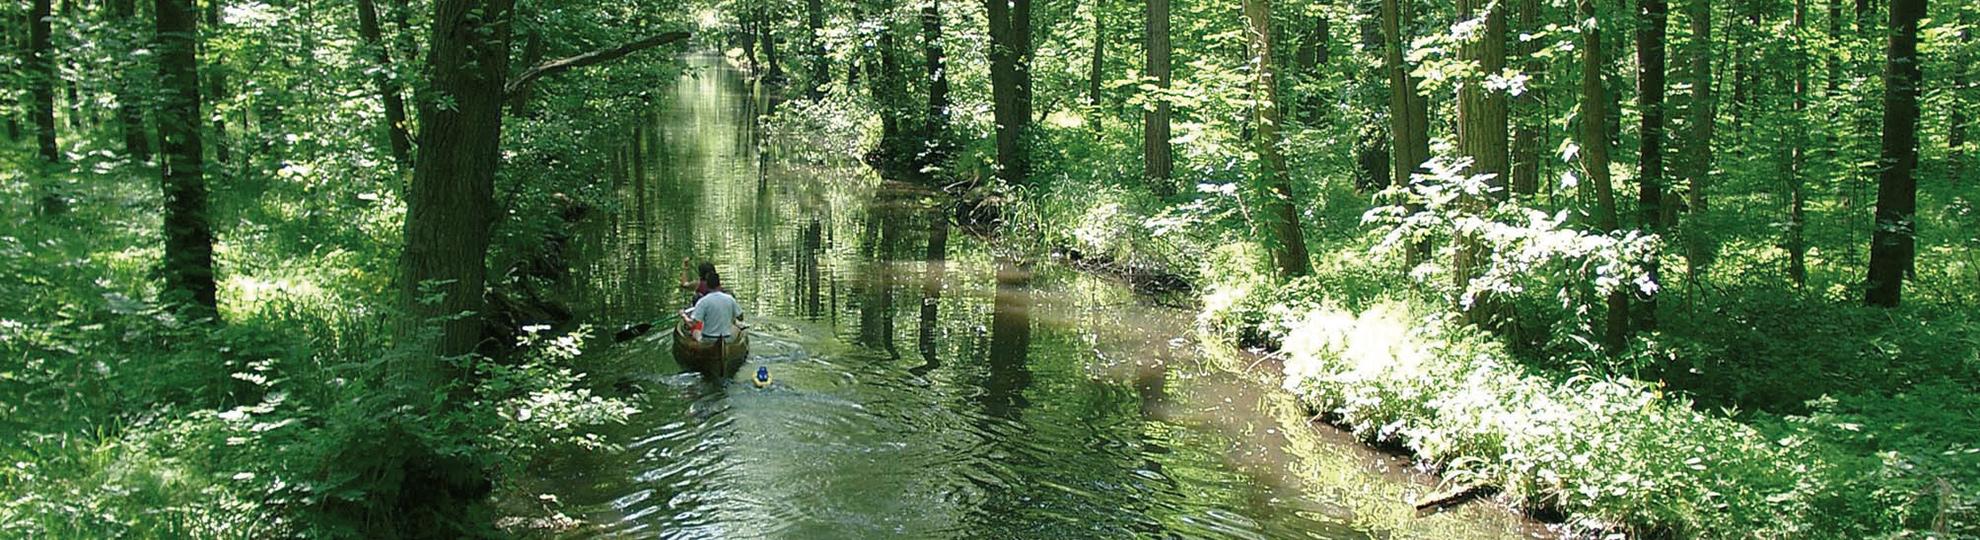 Paddelboot im Hochwald, Foto: Archiv Tourismusverband Spreewald e.V.